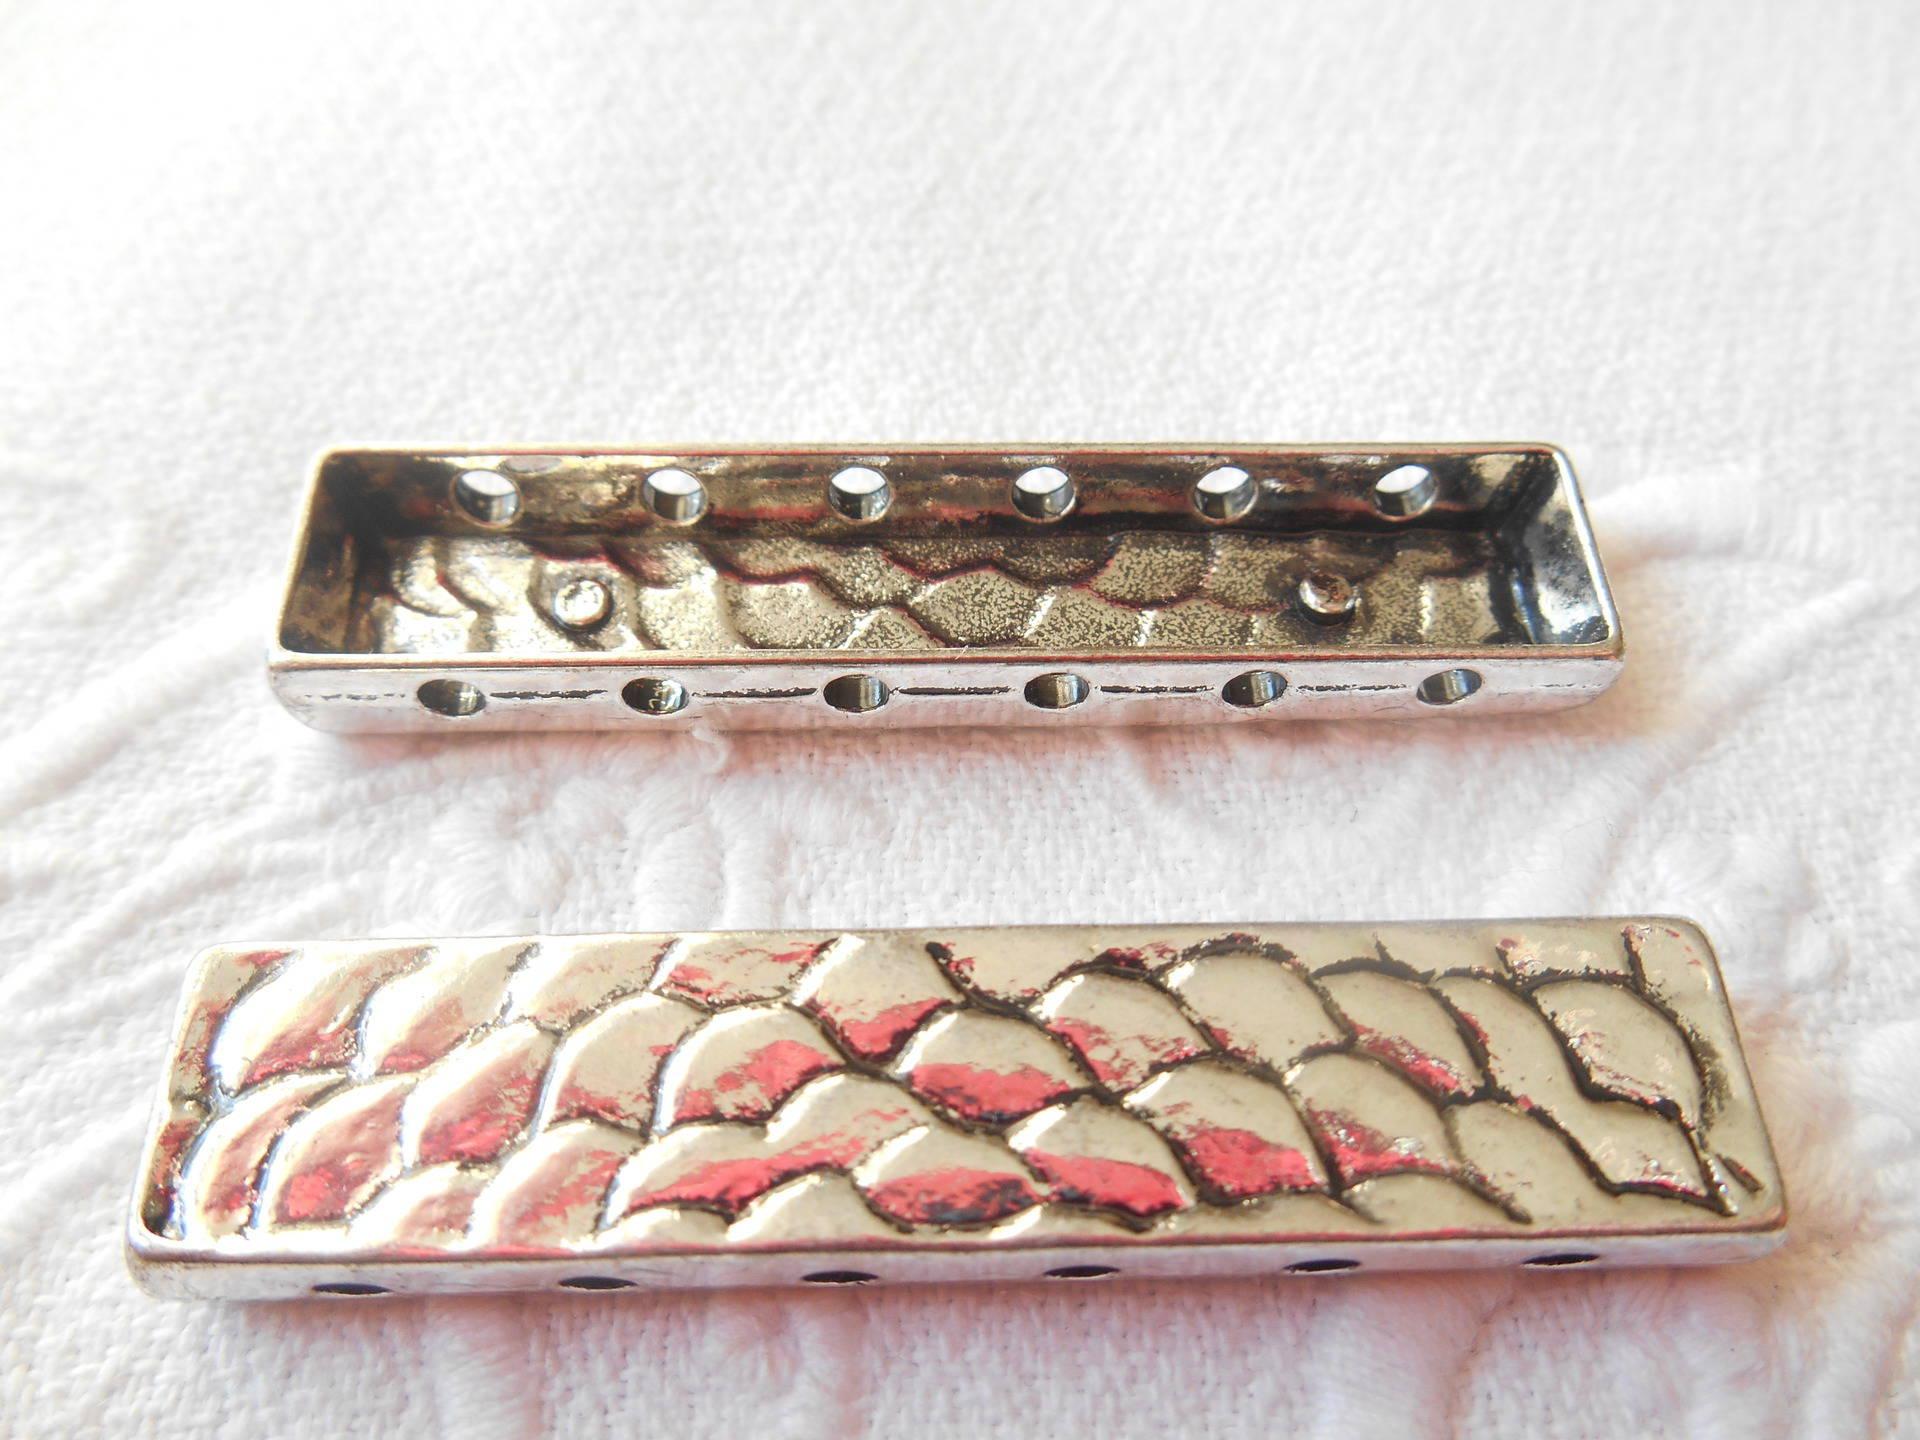 séparateurs x 2 connecteurs métal argenté martelé